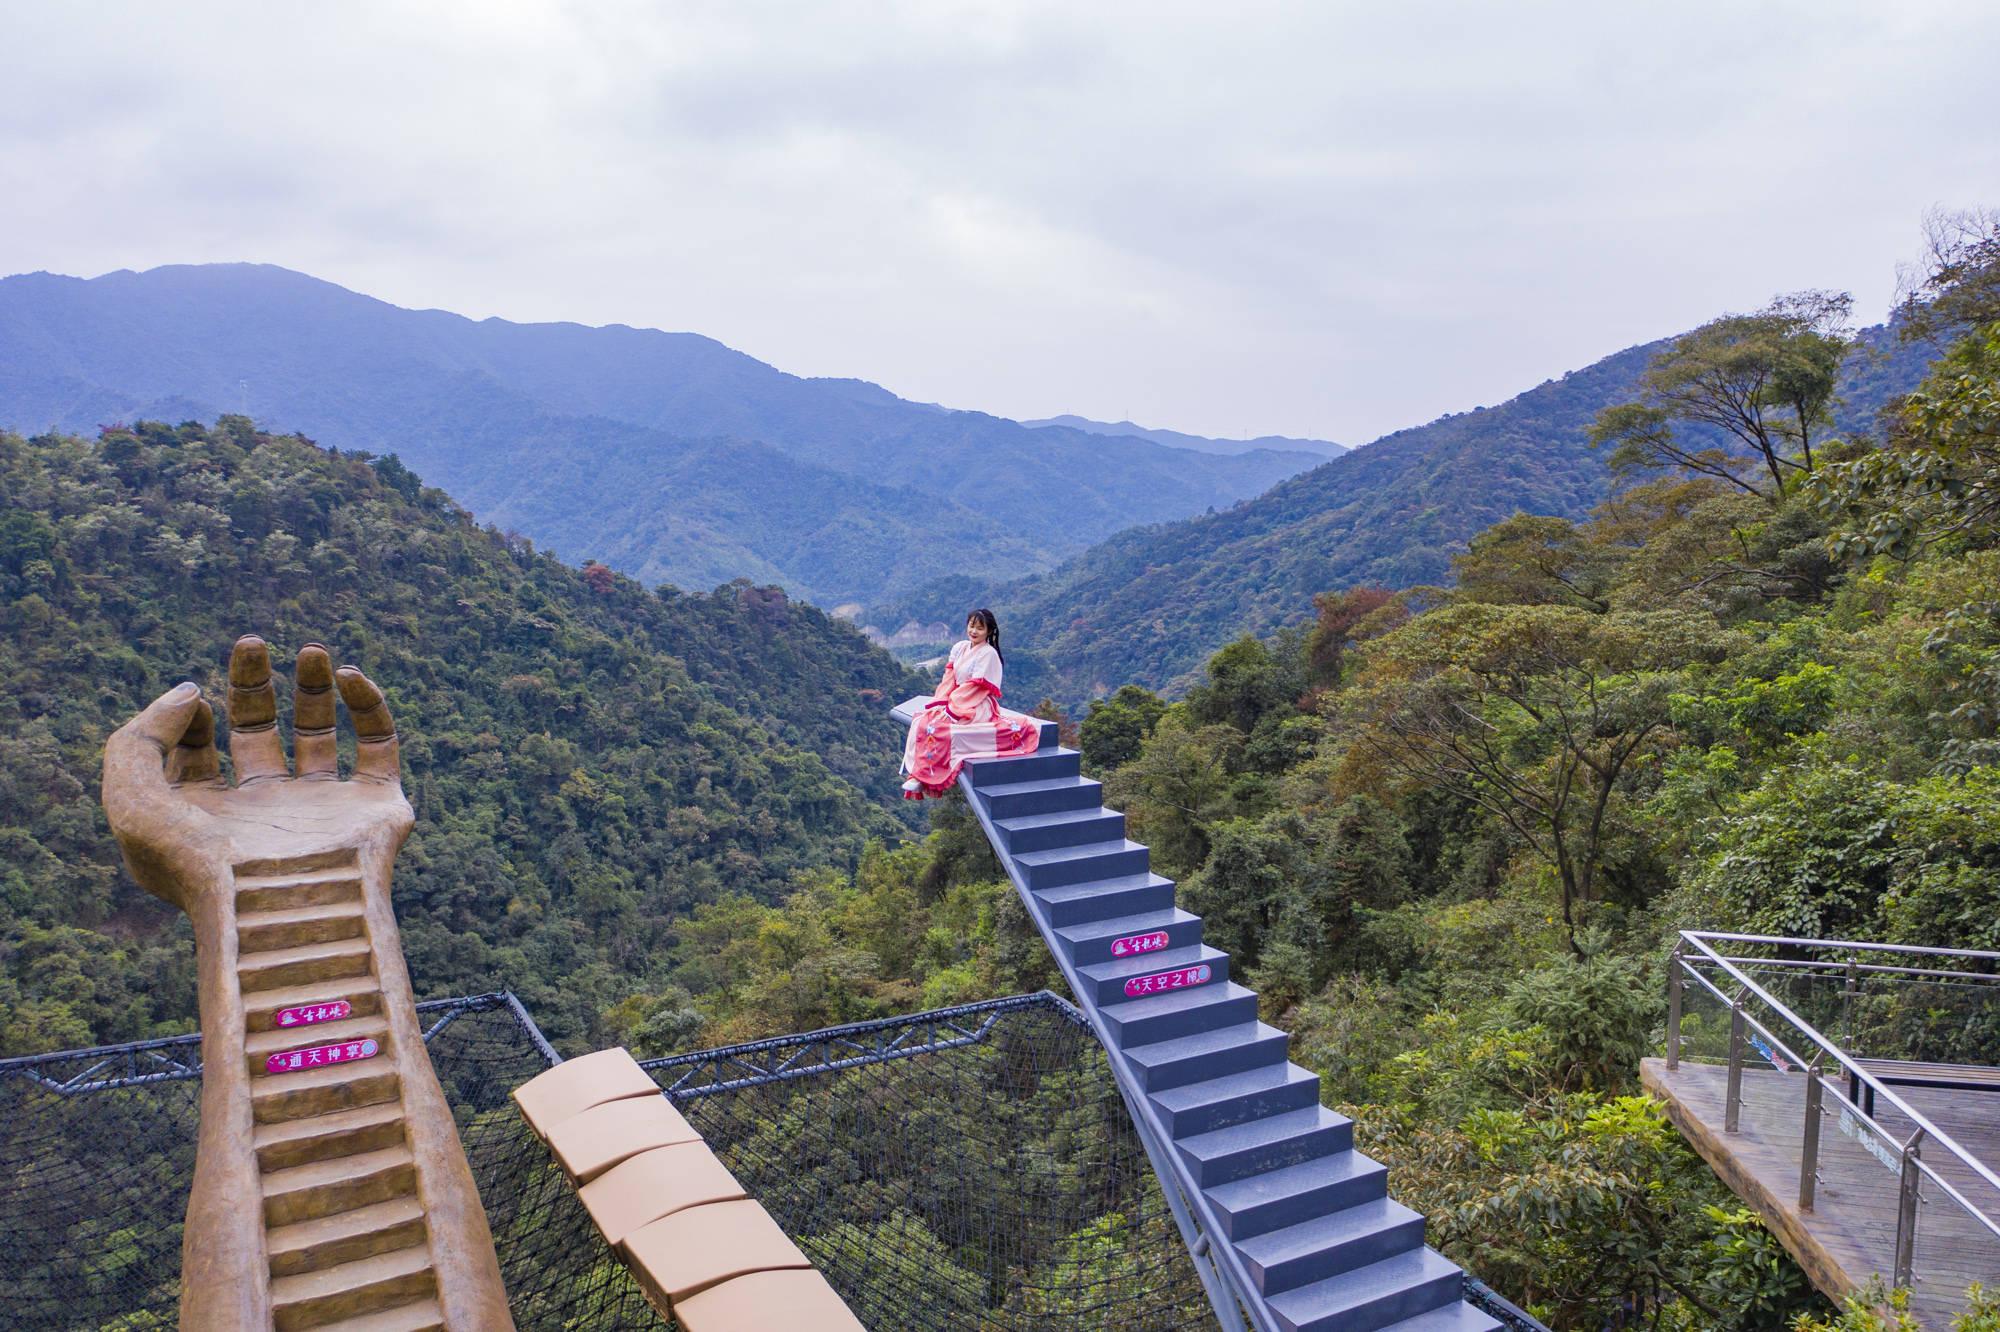 广东周边超震撼打卡地,佛手、天梯、玻霸,古龙峡这么玩太刺激了!